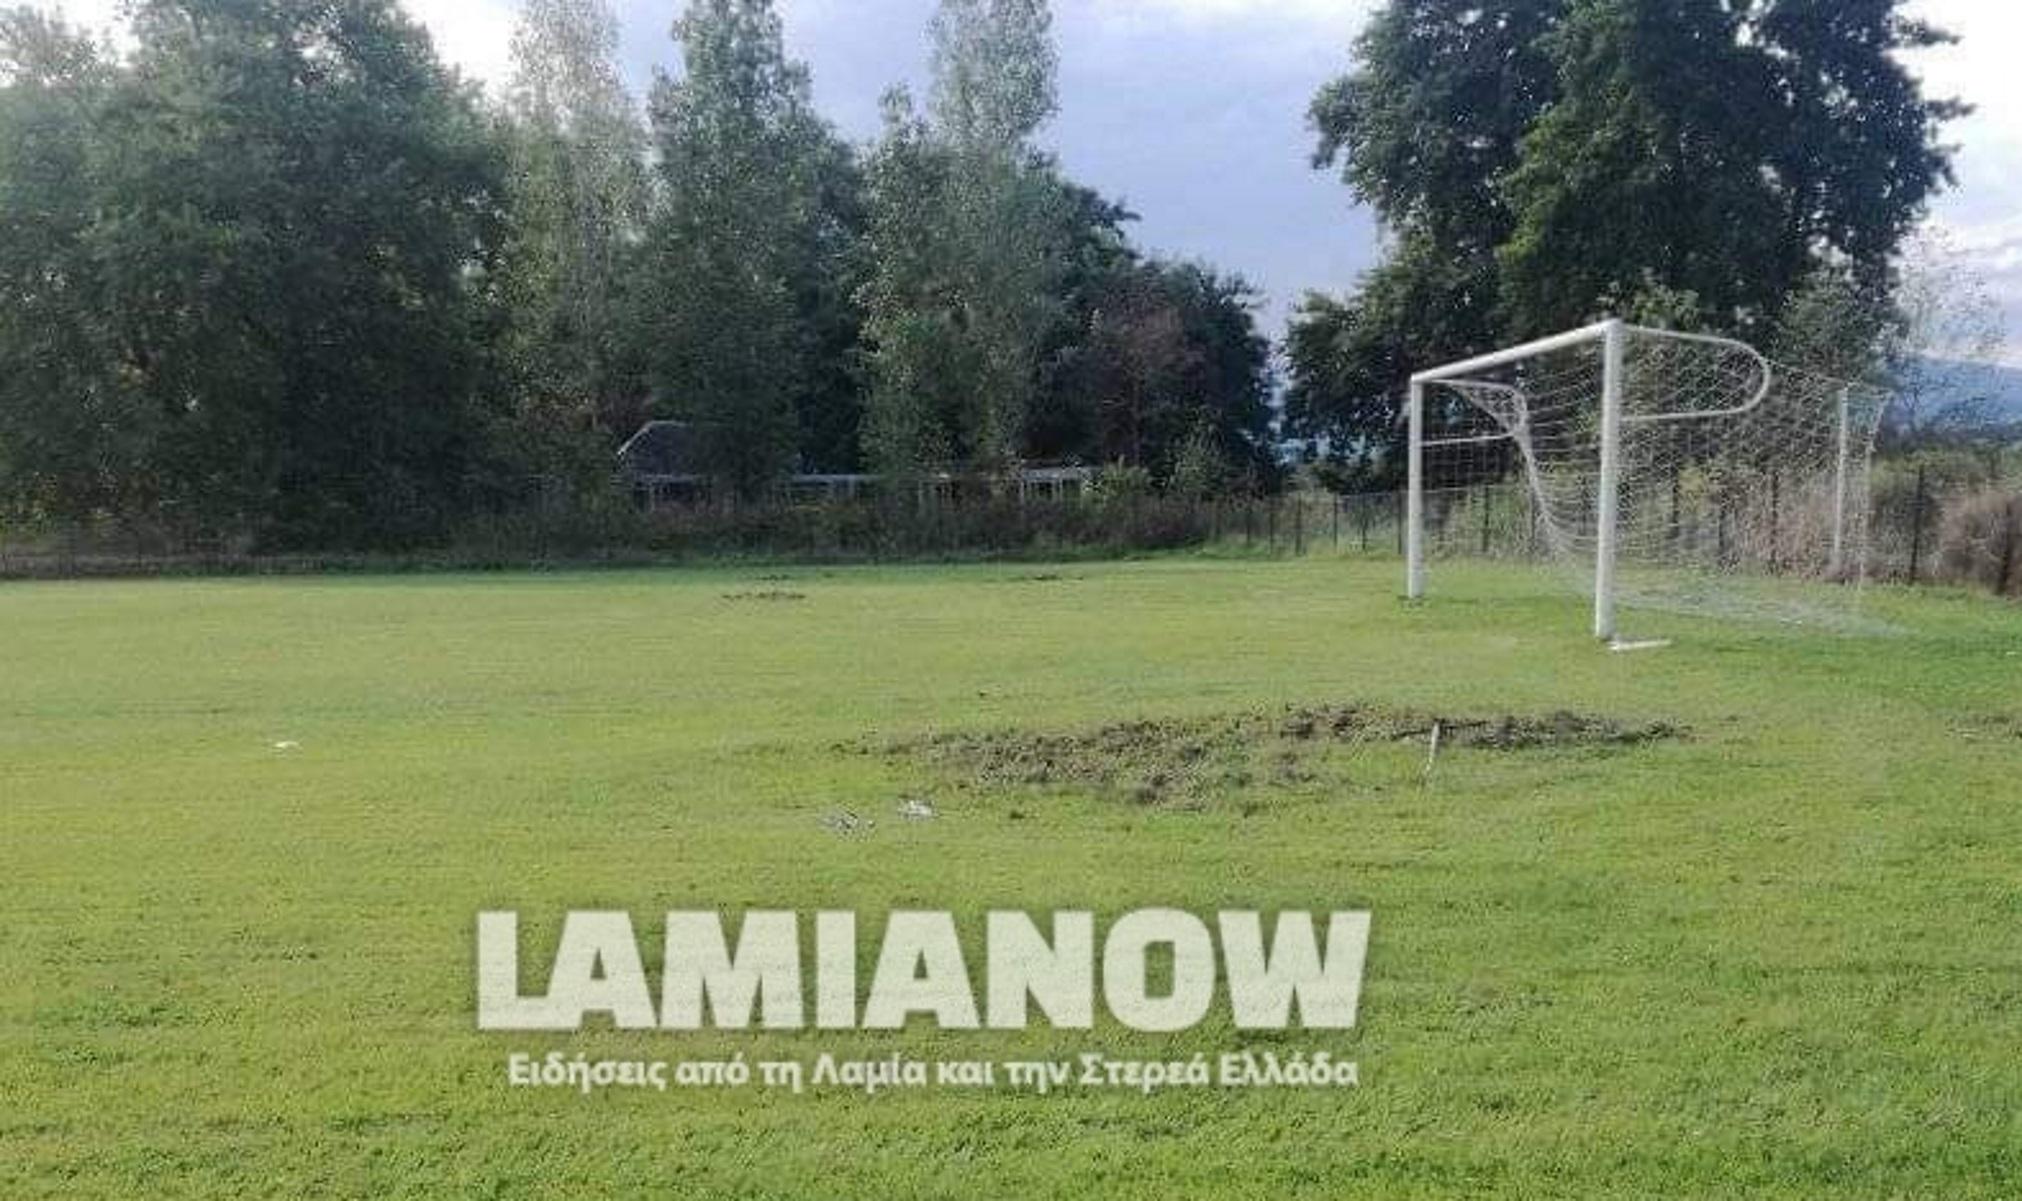 Φθιώτιδα: Αγριογούρουνα όργωσαν ποδοσφαιρικό γήπεδο – Δείτε φωτογραφίες